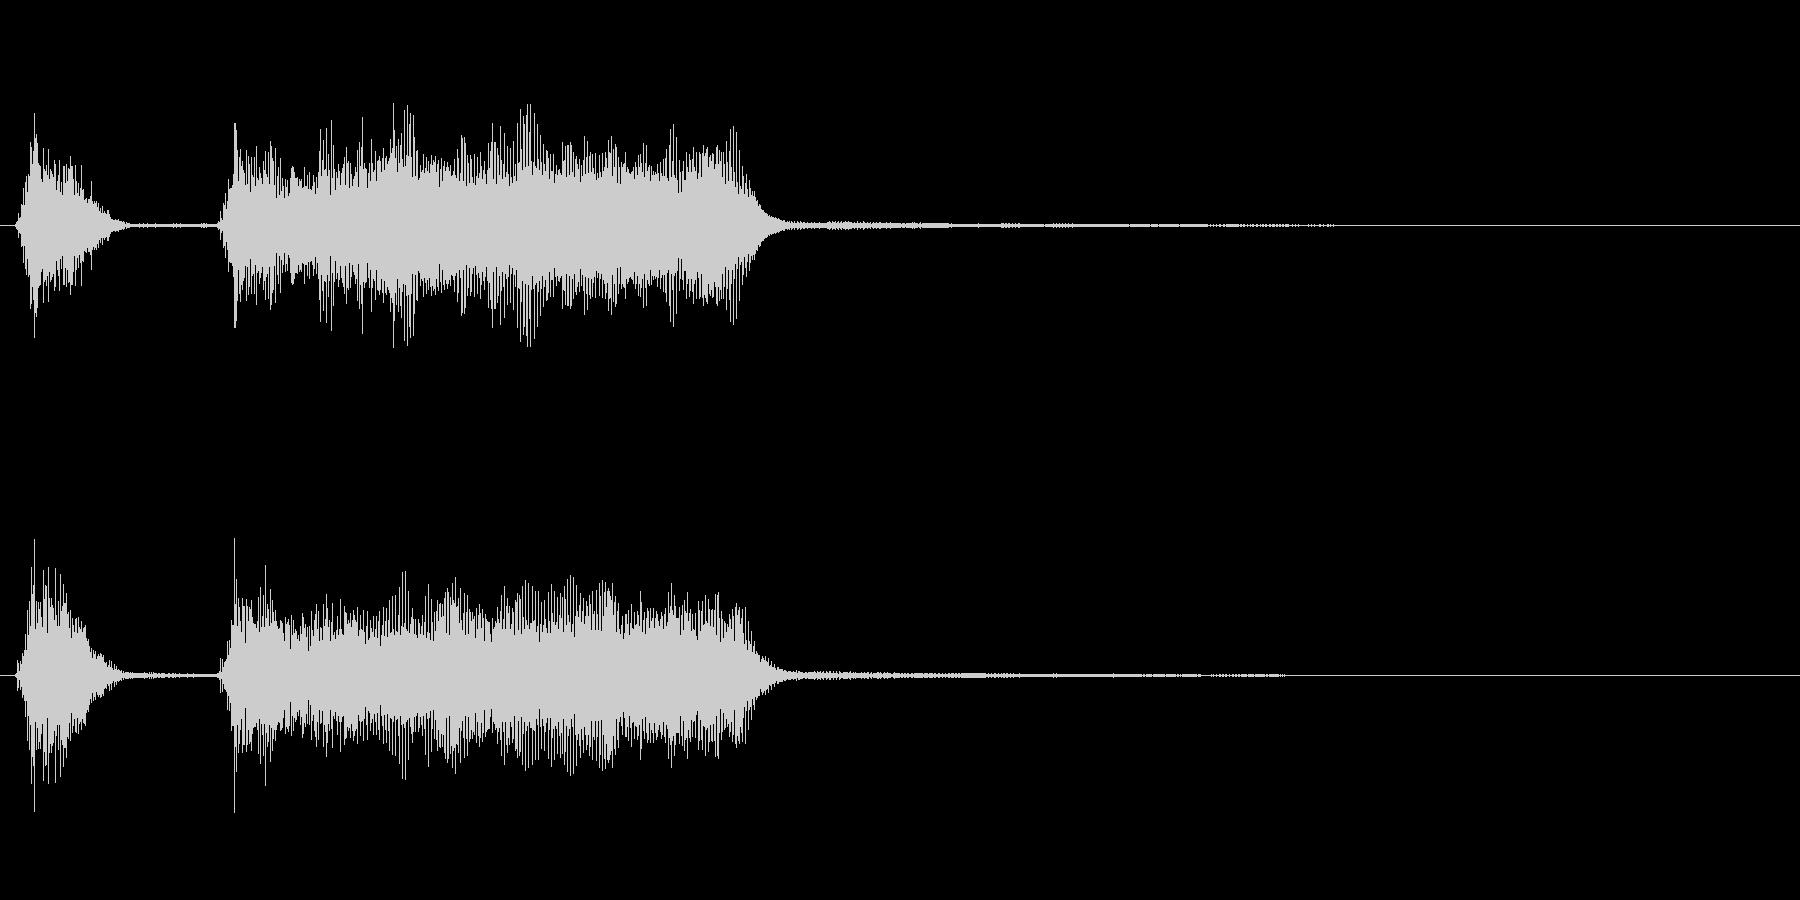 玩具系ファンファーレ-03の未再生の波形